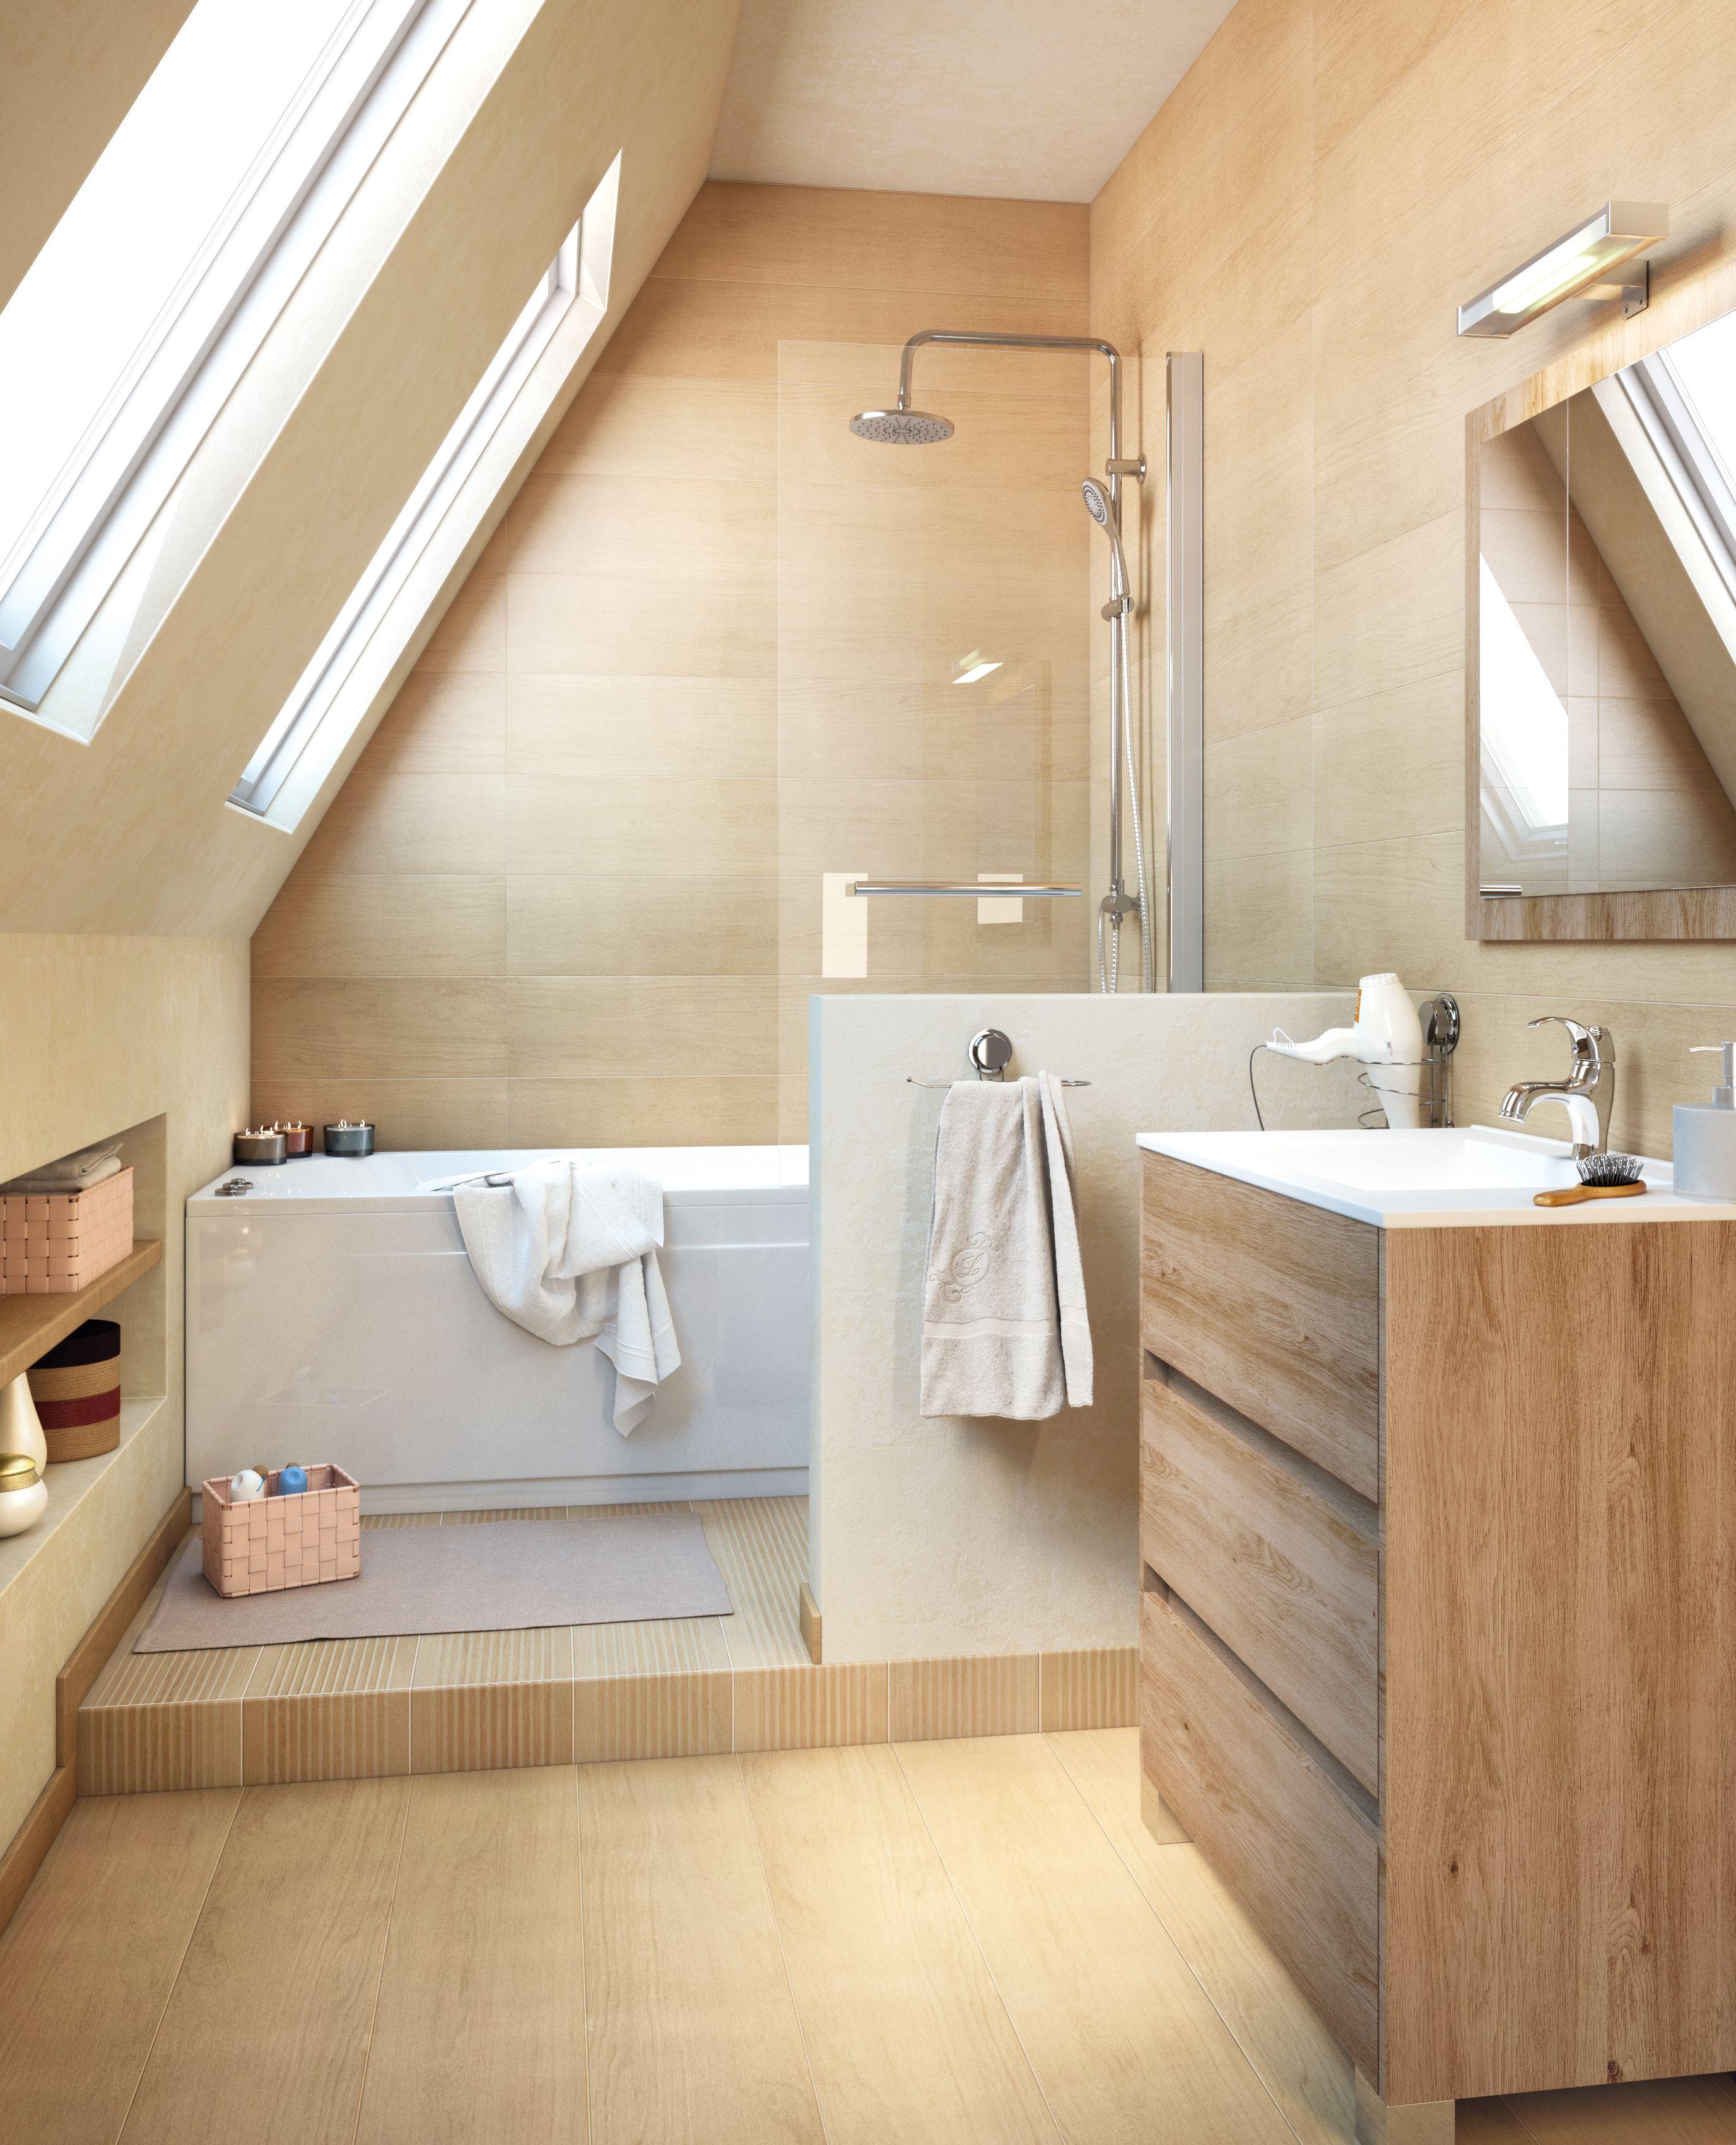 un baño en la buhardilla - leroy merlin | baño | pinterest | baño